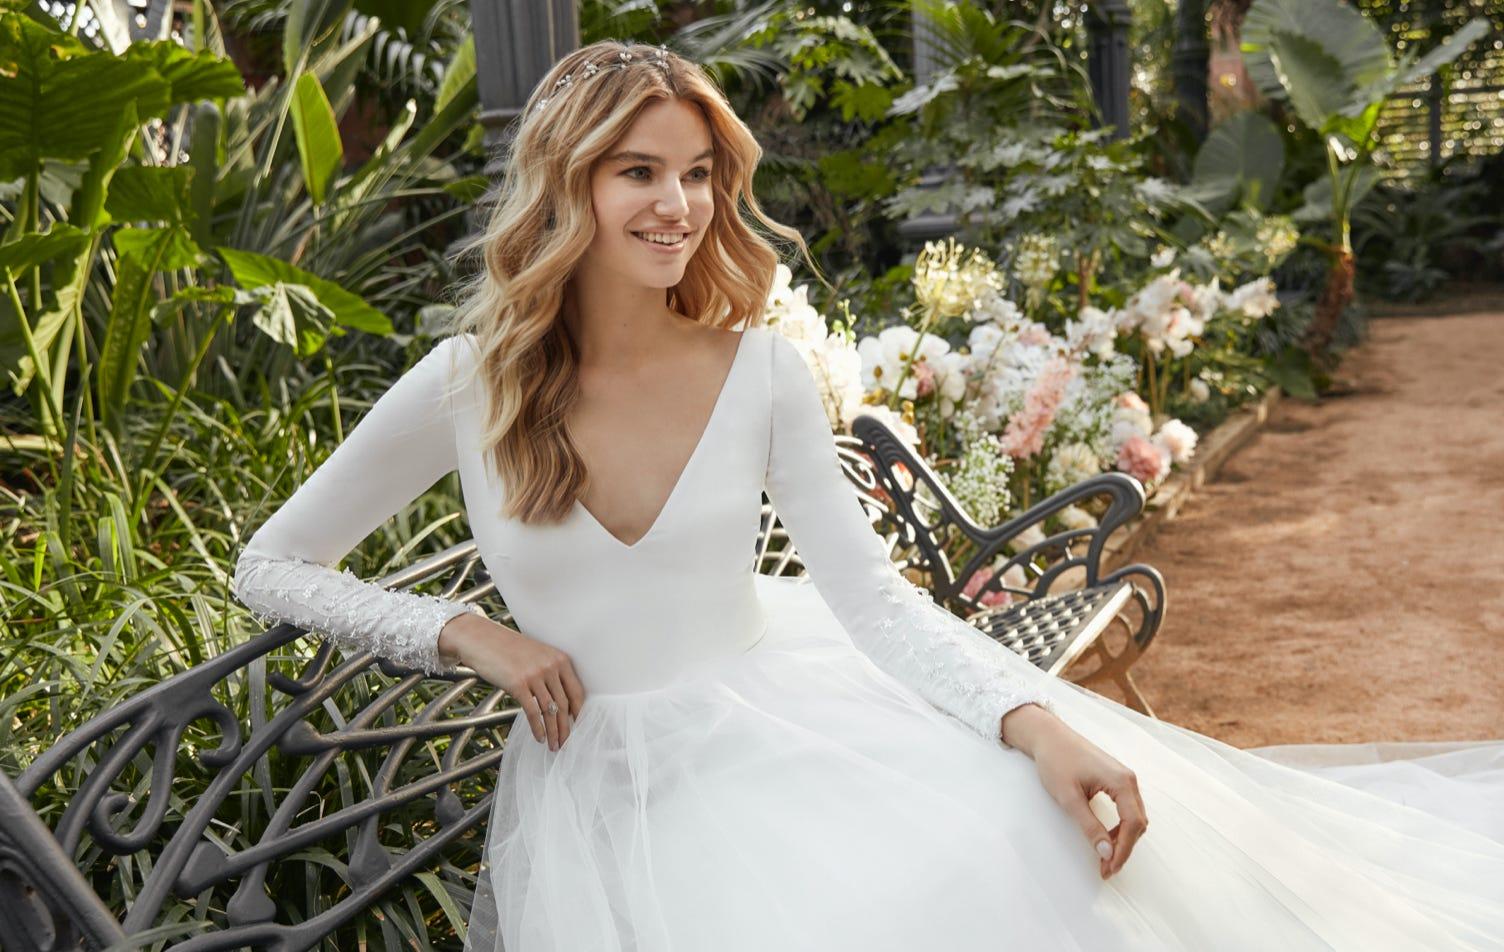 Descubre las tendencias en vestidos de novia para el 2021